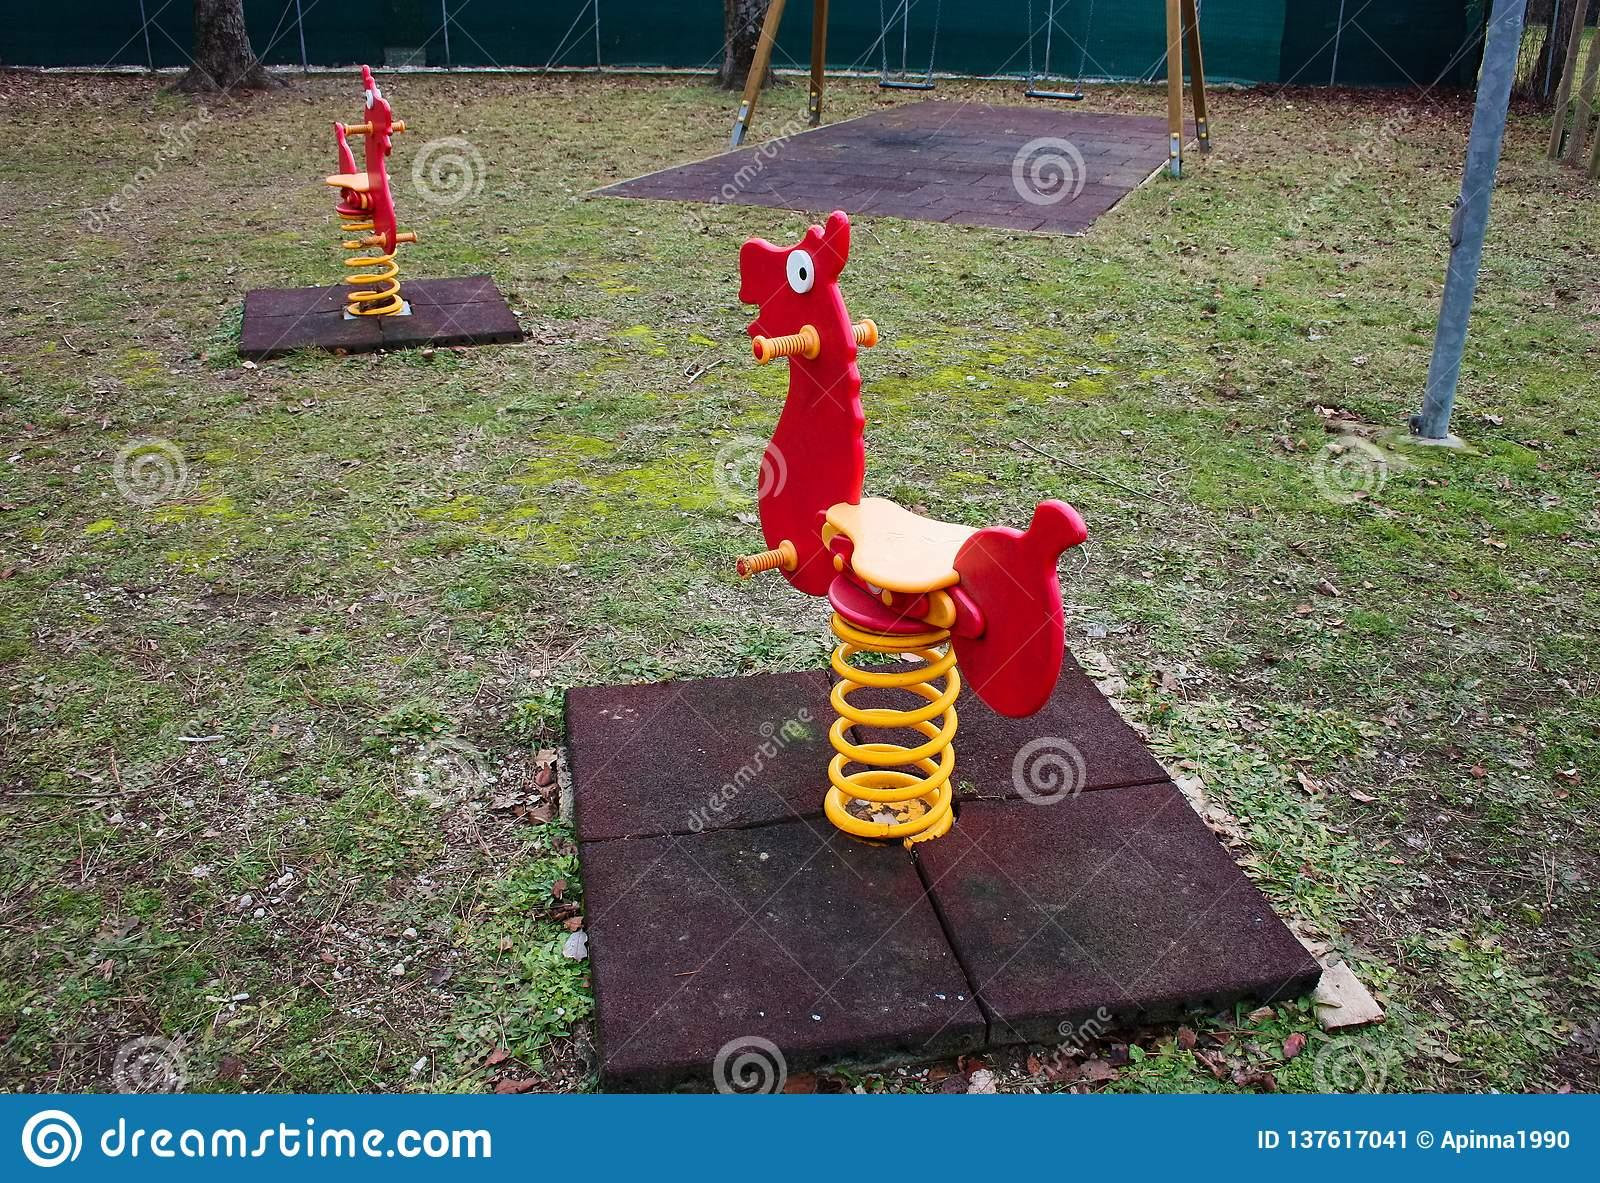 Jeux De Basculage Pour De Petits Enfants Oscillations Rouges encequiconcerne Jeux Pour Petit Enfant